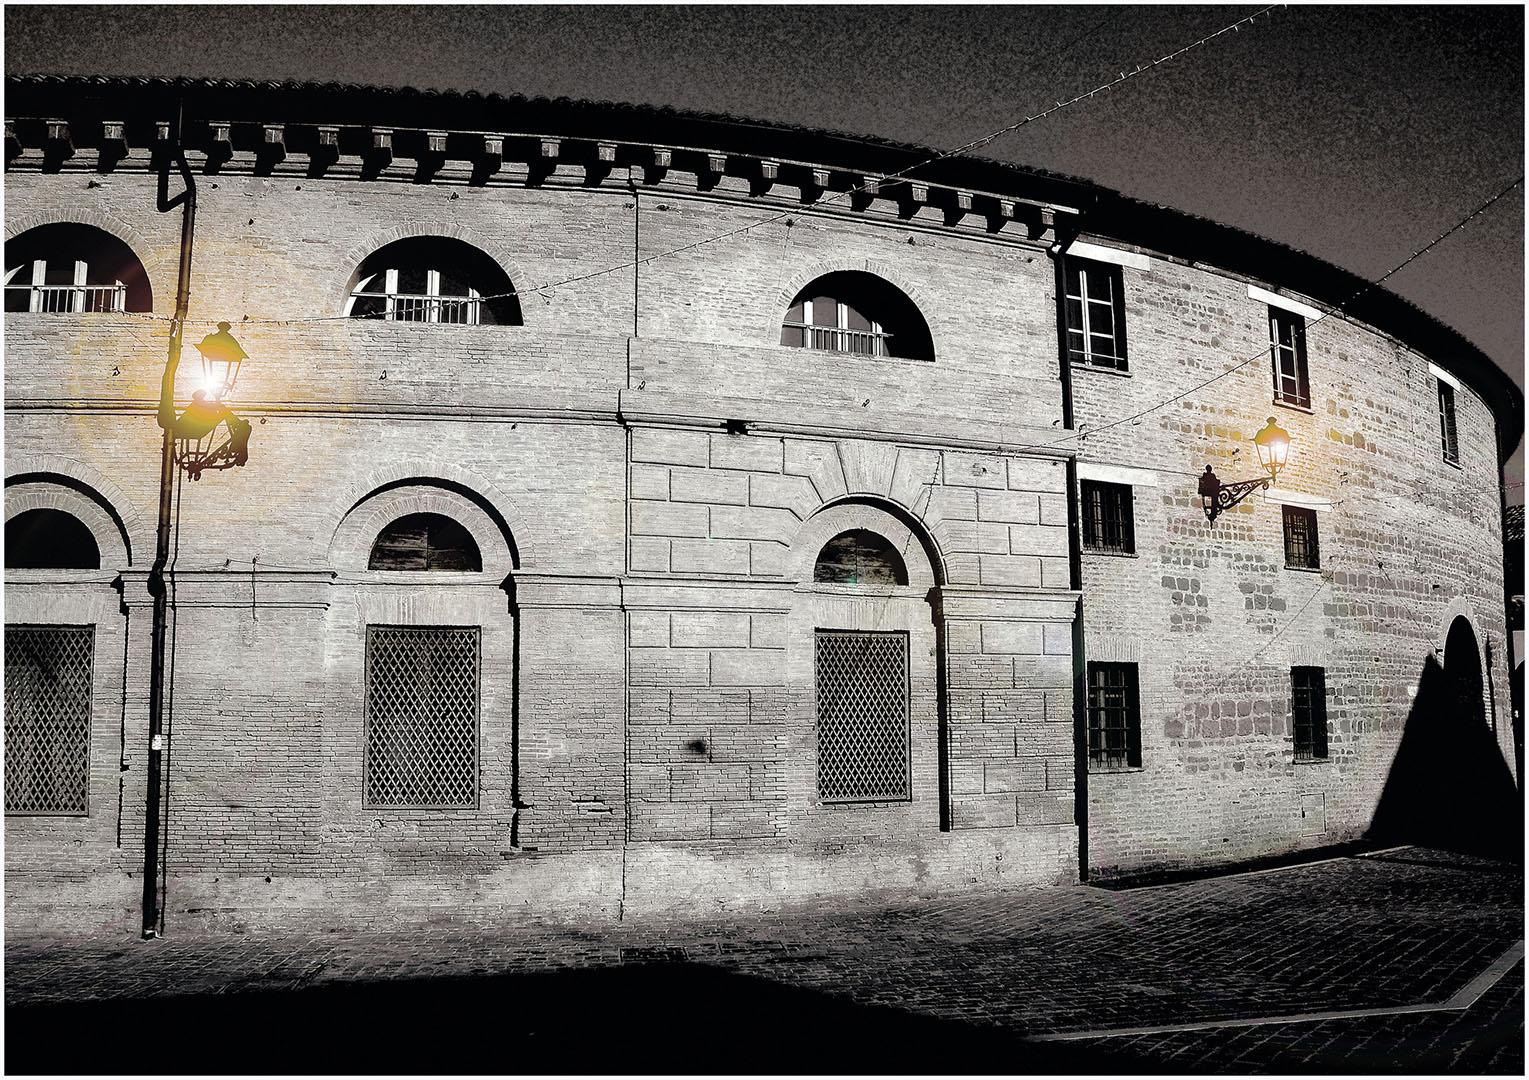 Le_Marche-Ancona_317_I08-11.40